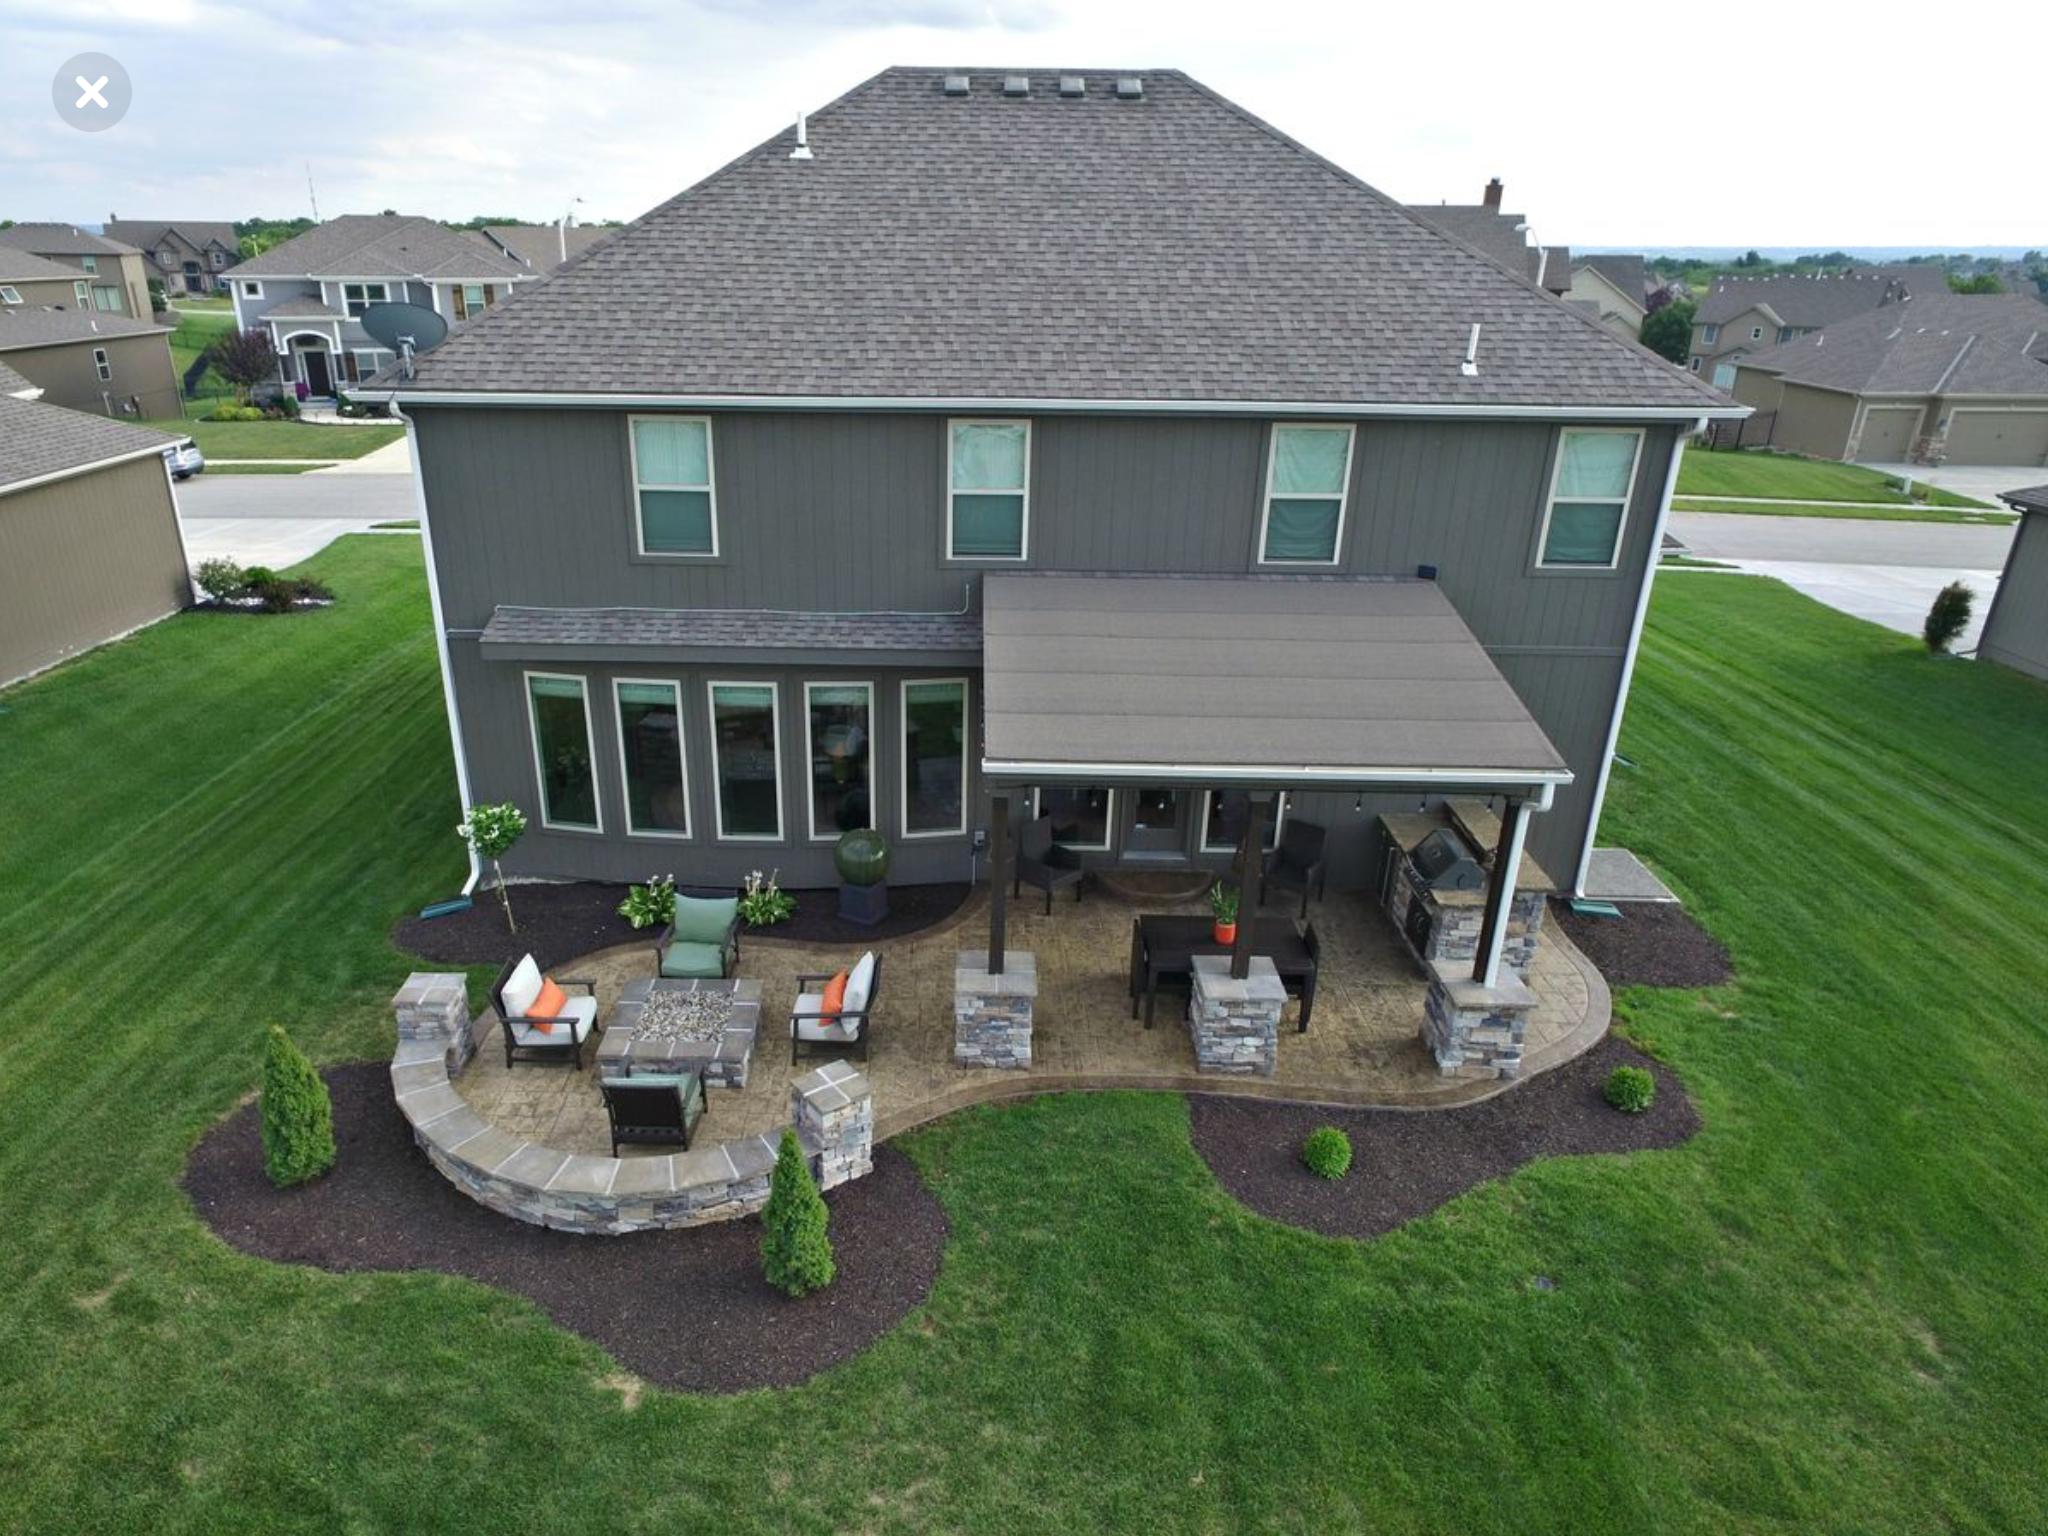 Idea Of Incorporating Fire Pit Area With A Covered Porch Patio Design Concrete Patio Designs Concrete Patio